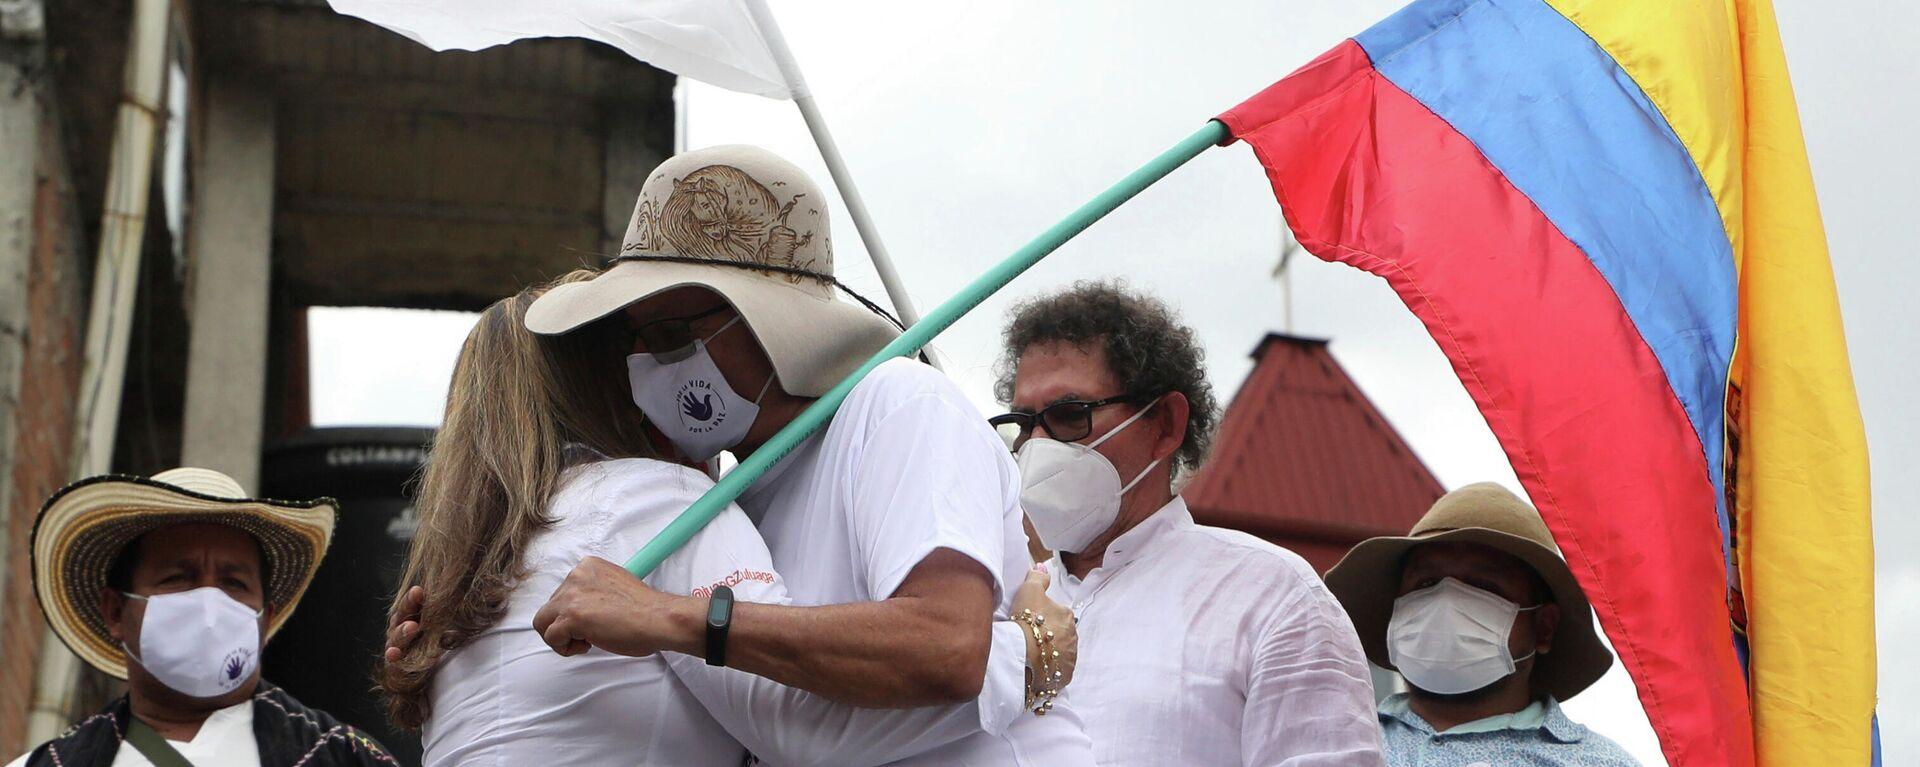 Rodrigo Granda, integrante del partido político FARC y excombatiente, se abraza con la familia de una víctima de la guerrilla en 2020 - Sputnik Mundo, 1920, 27.09.2021